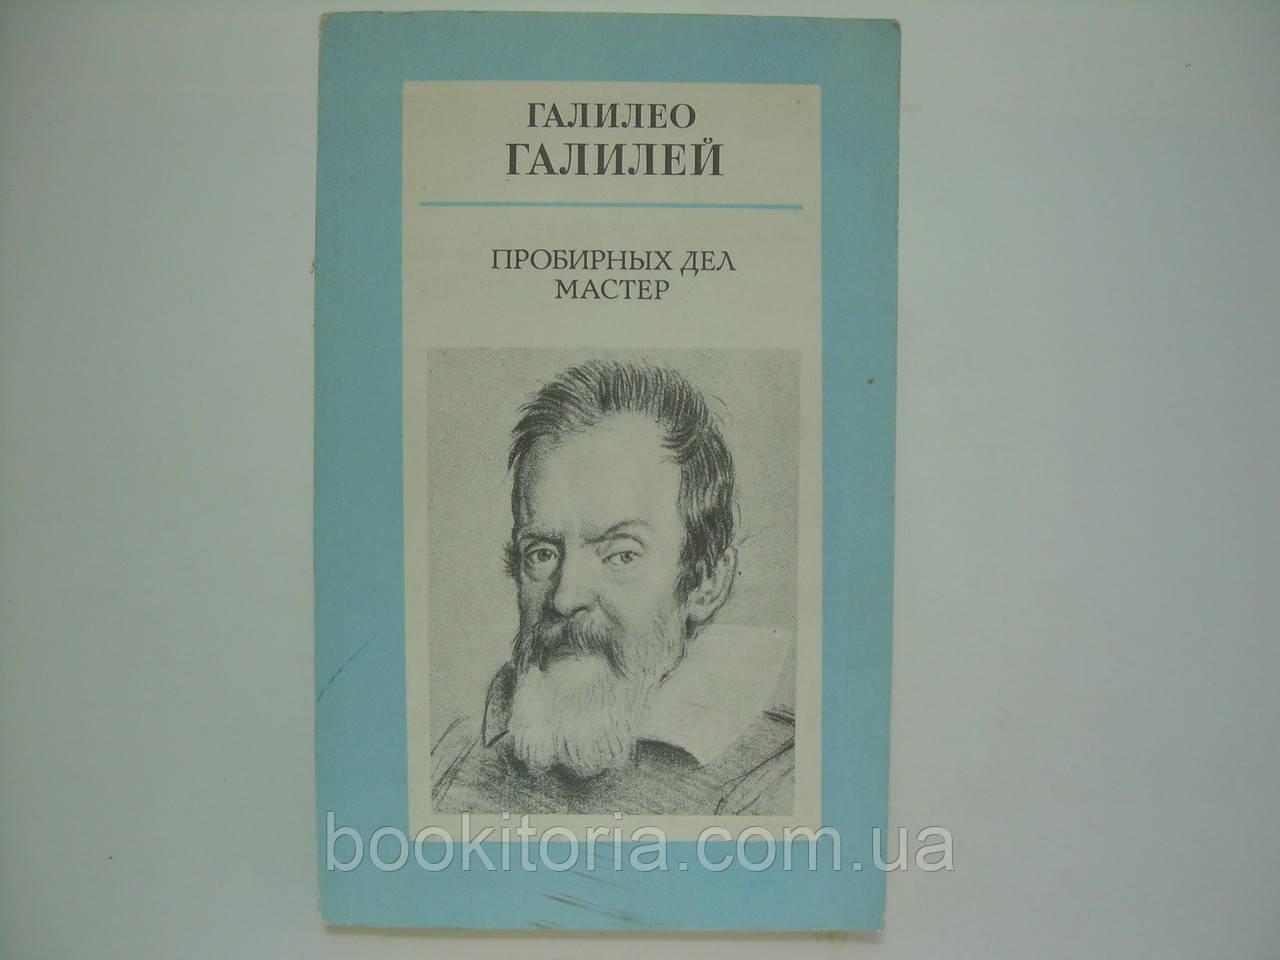 Галилео Галилей. Пробирных дел мастер (б/у).